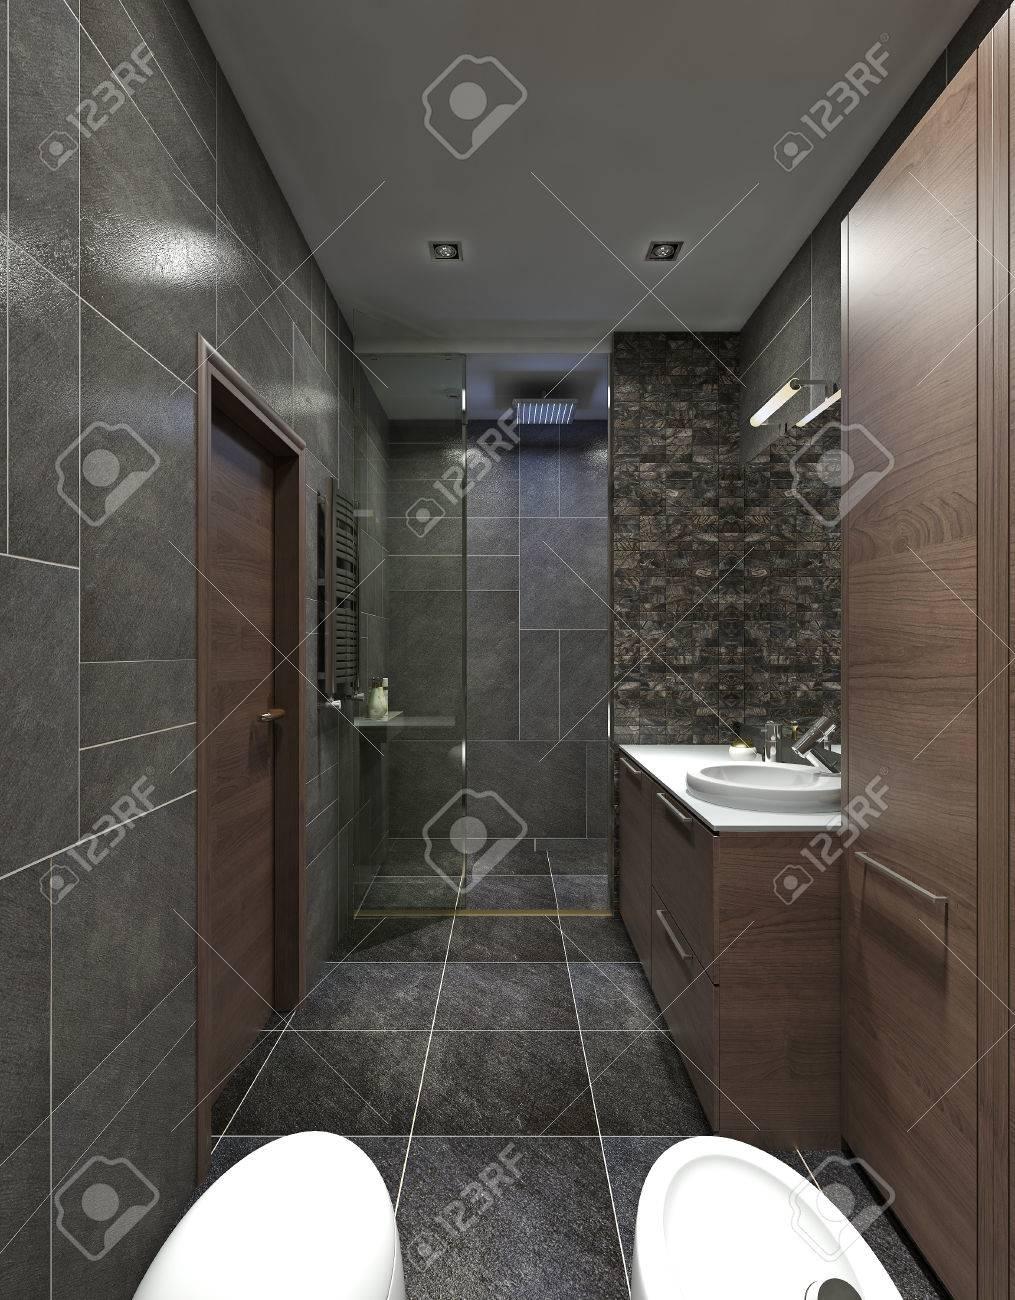 Das Bad Ist Im Stil Des Konstruktivismus. Moderne Badezimmermöbel In Braun.  Schwarze Wände In